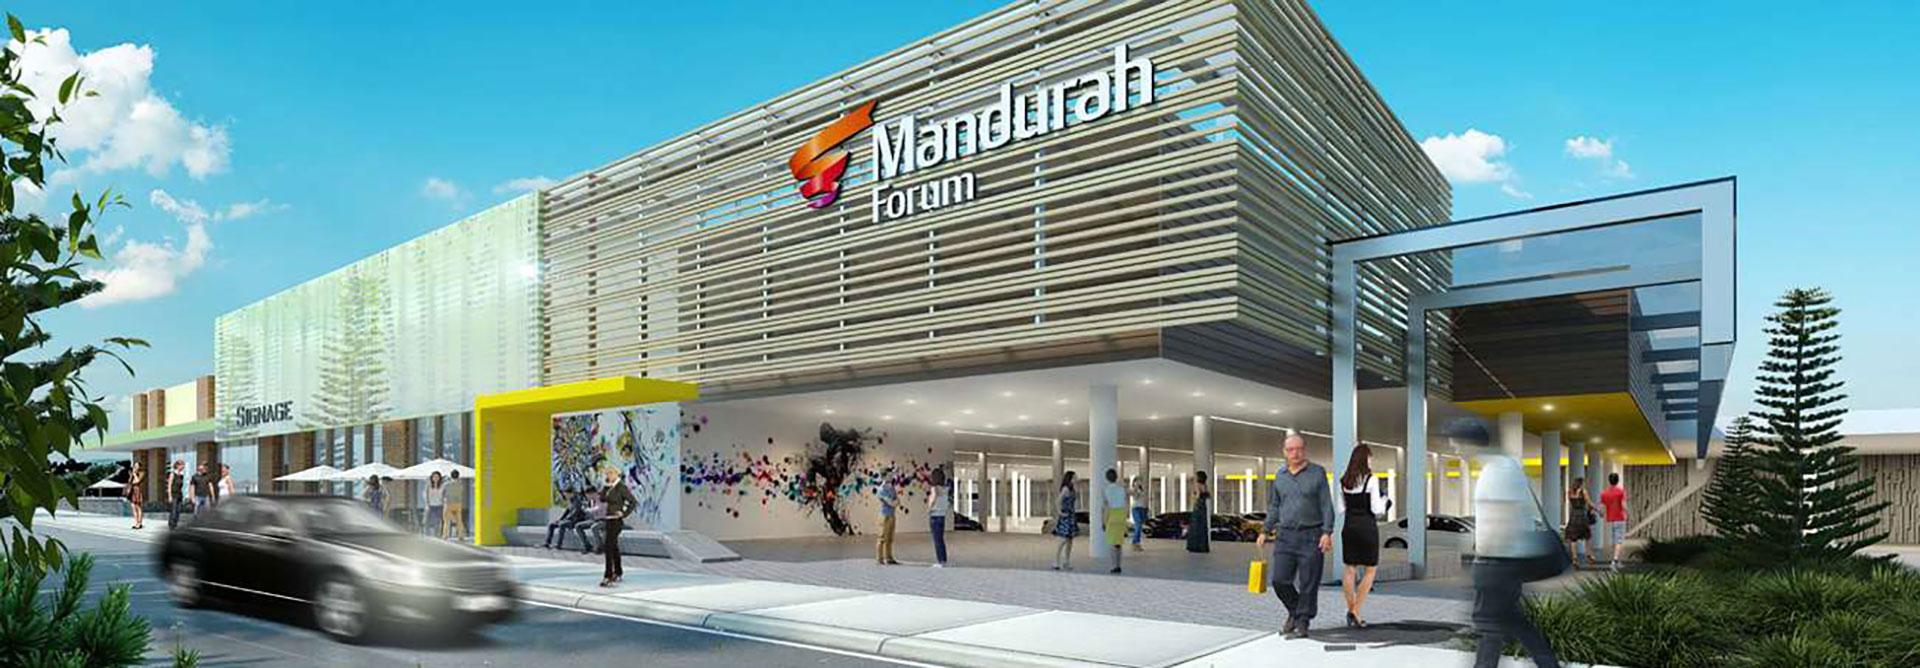 CD_ProjectProfiles_MandurahSC_mandurah